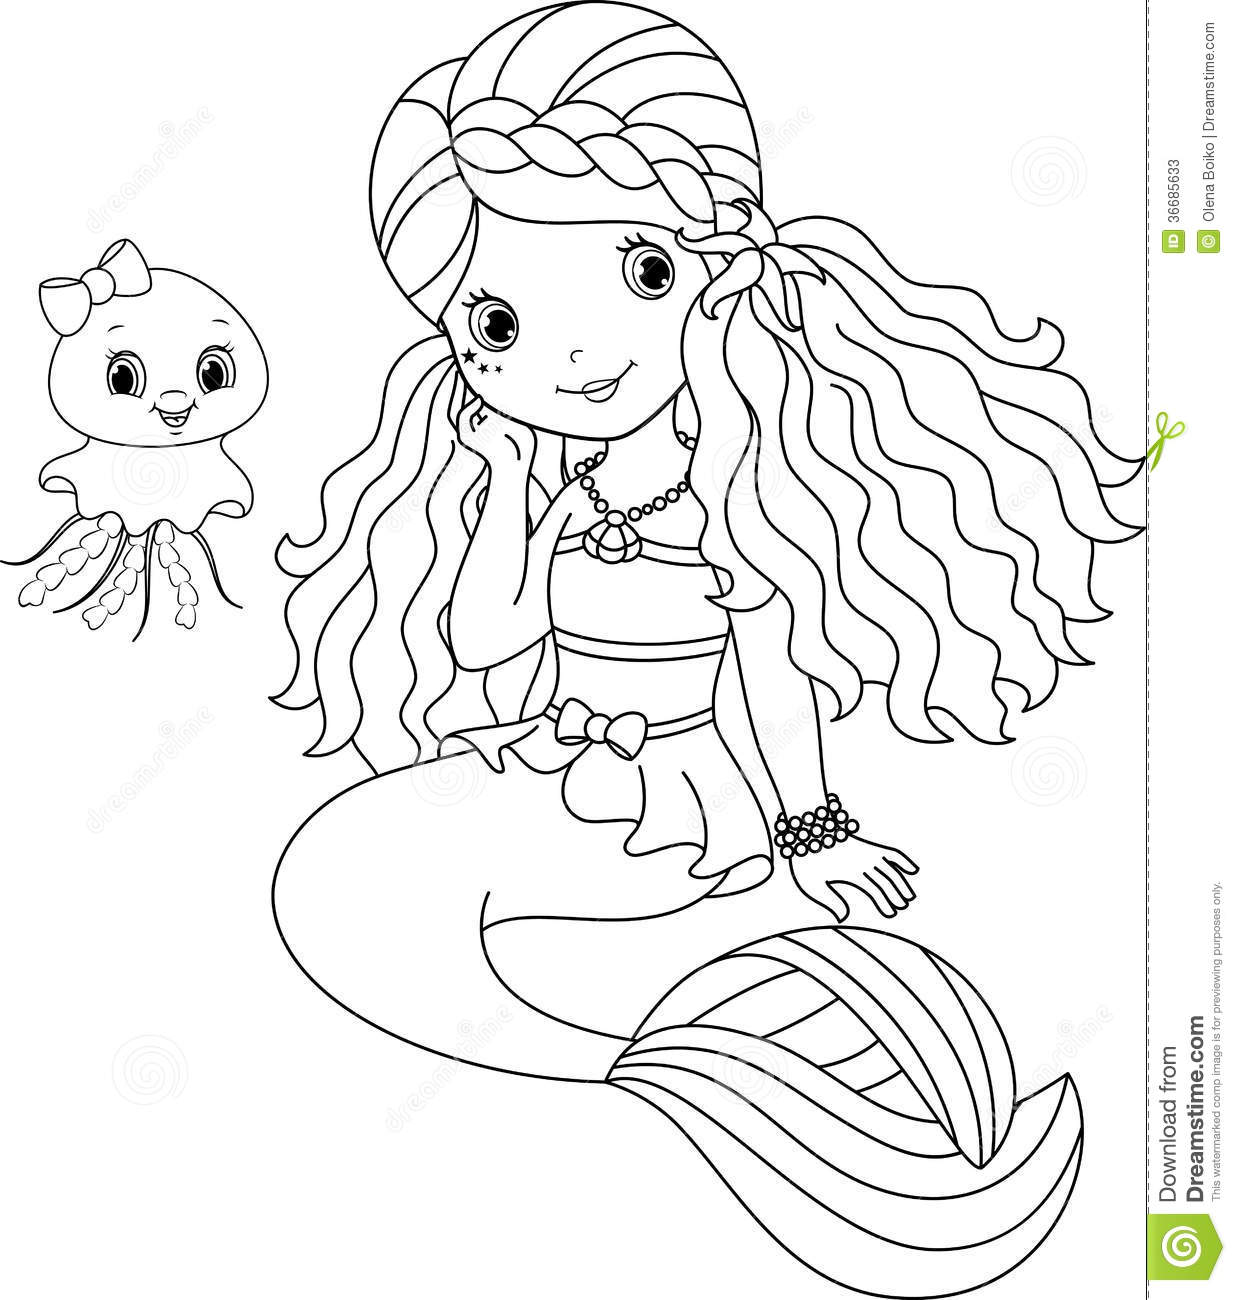 Free Mermaid Coloring Pages At GetDrawings